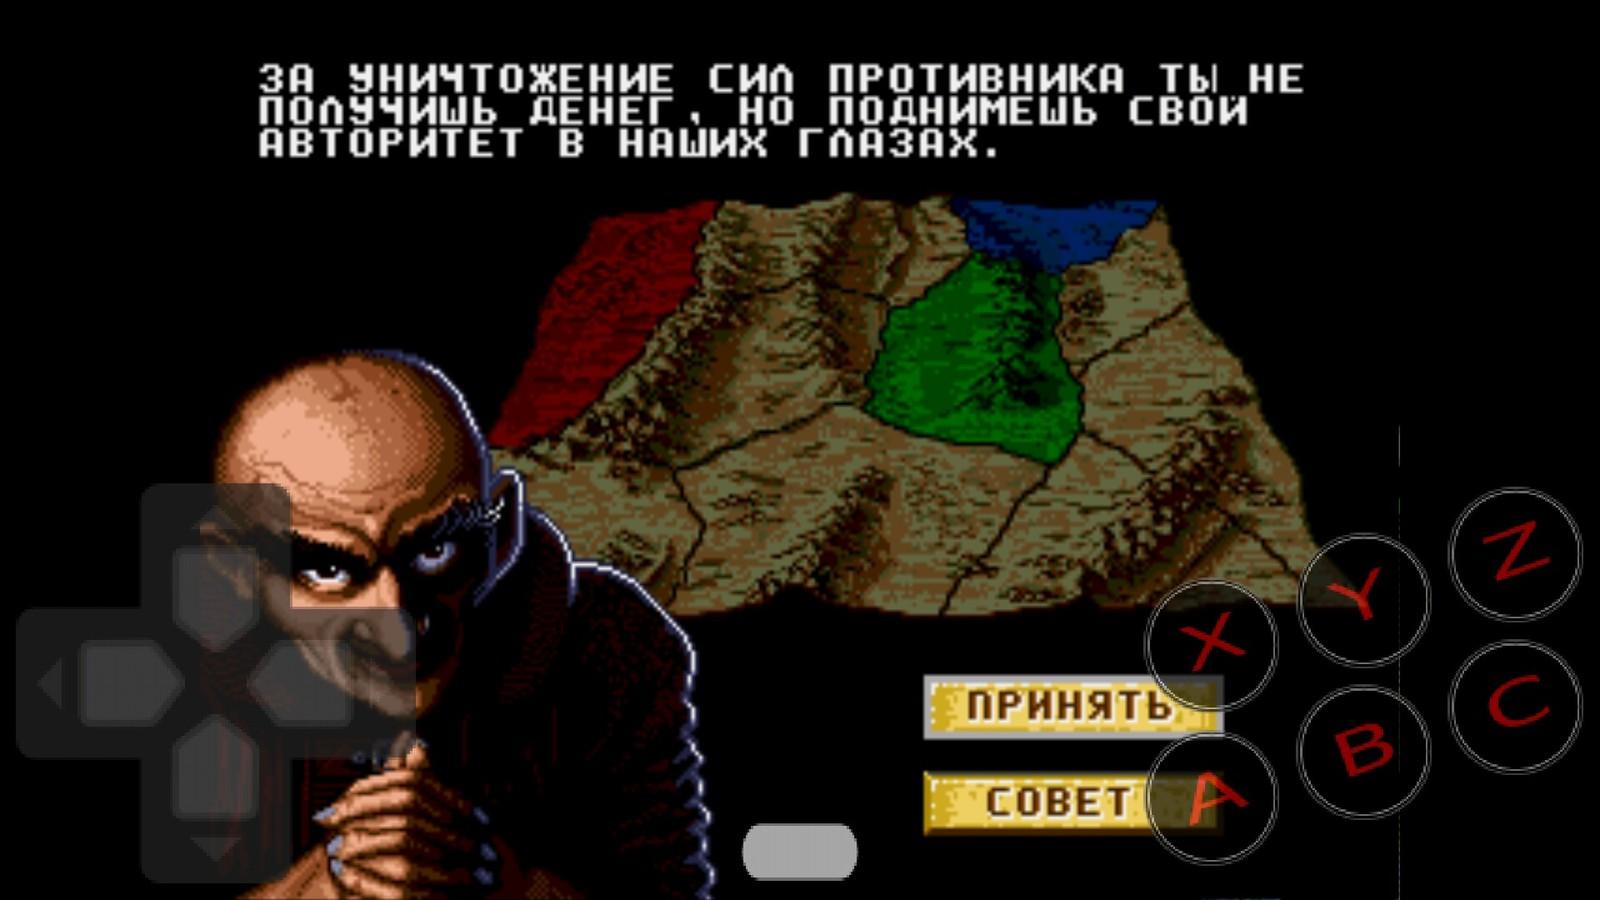 Скачать streets of rage classic 1. 1. 2 для android.